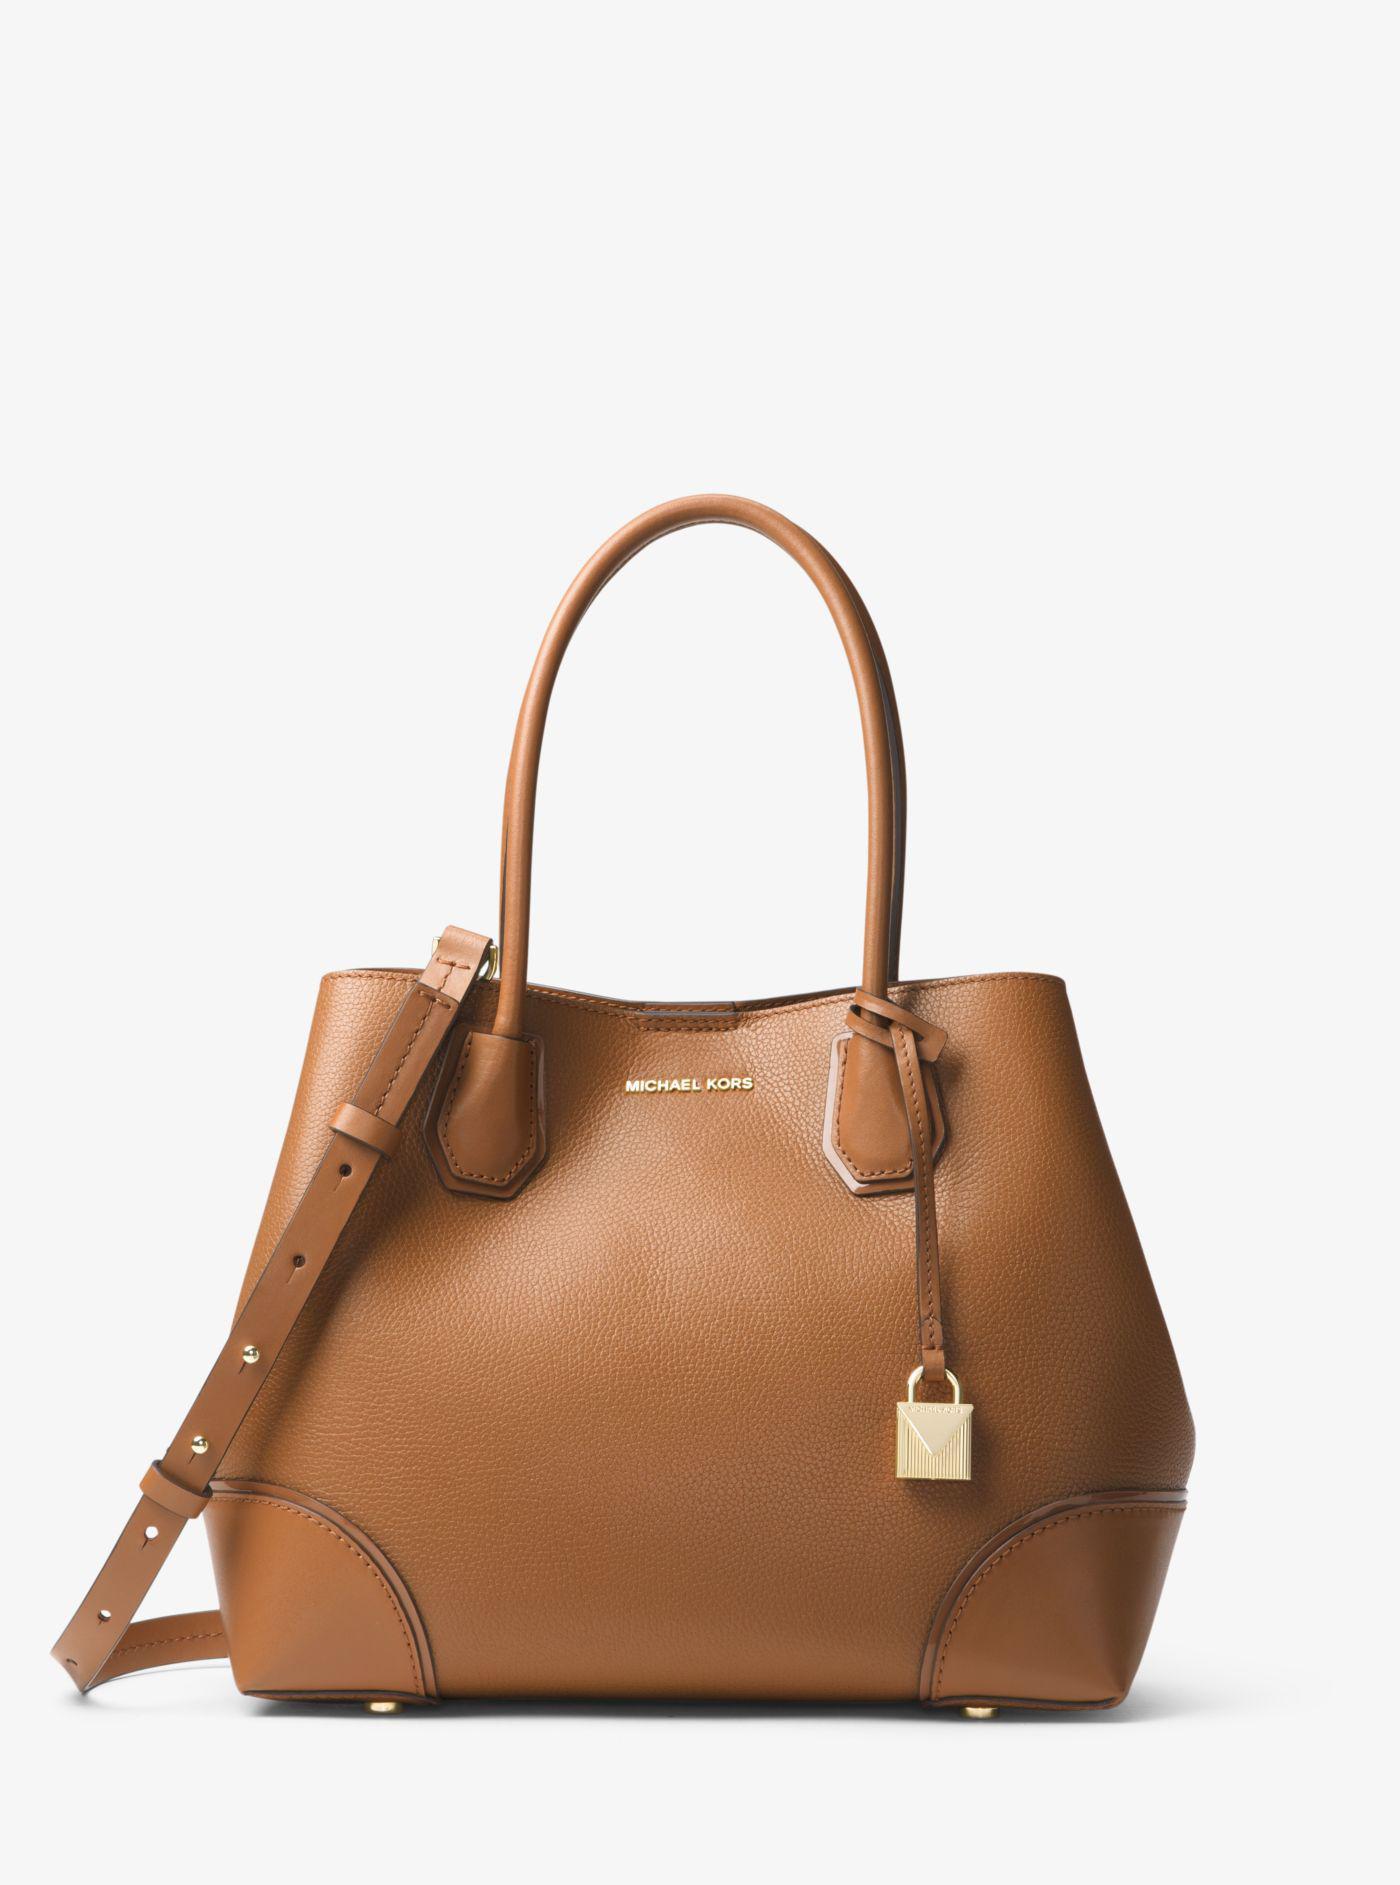 Michael Kors - Brown Mercer Gallery Medium Leather Tote - Lyst. View  fullscreen ea67d8daefffa